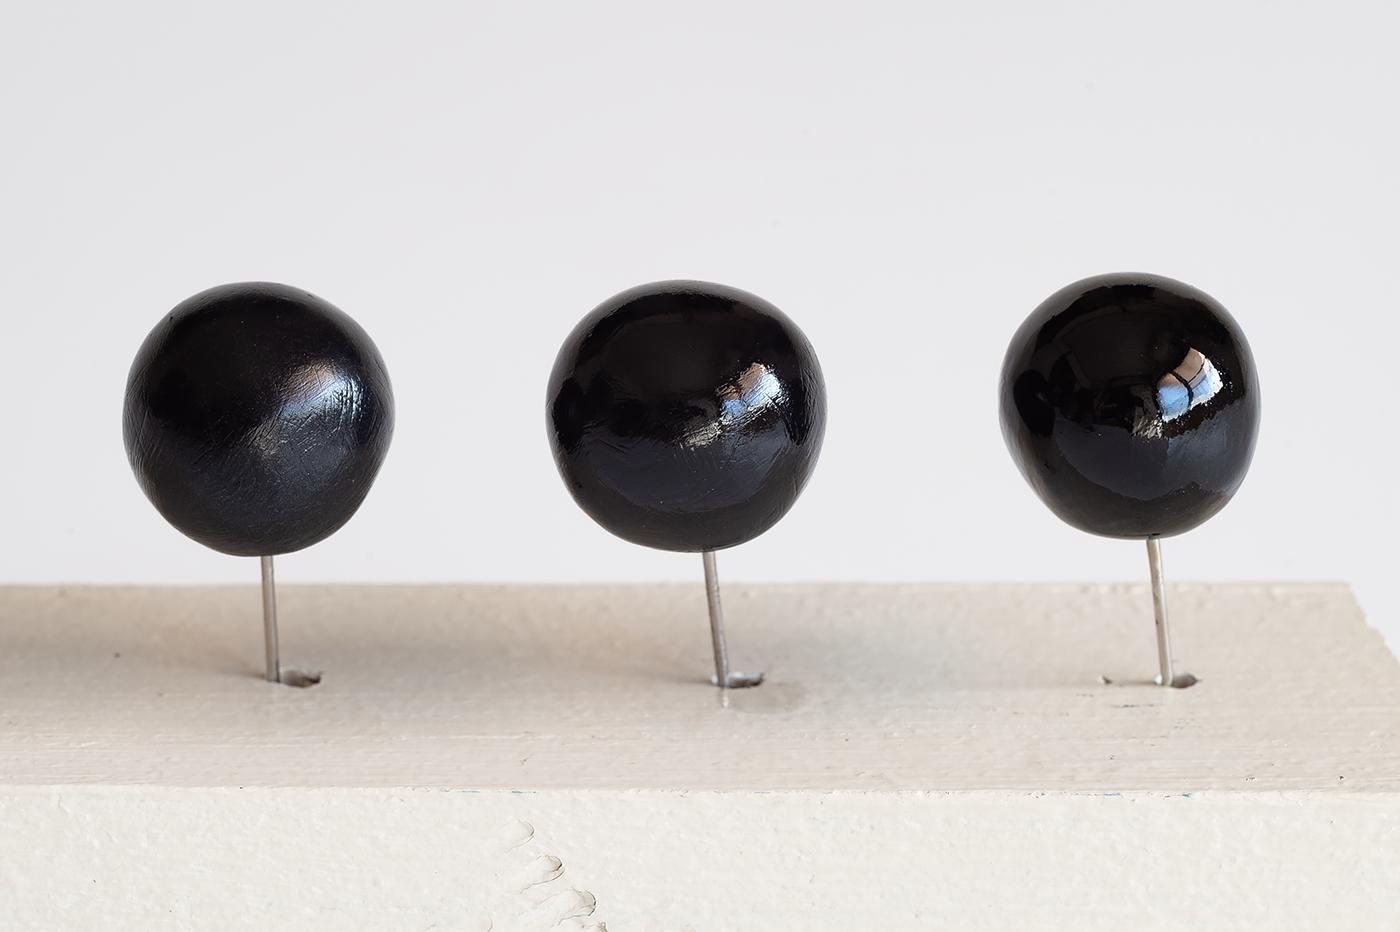 (左) フィモ専用ニス (中央) ウレタンクリヤー (右) 特製うるし